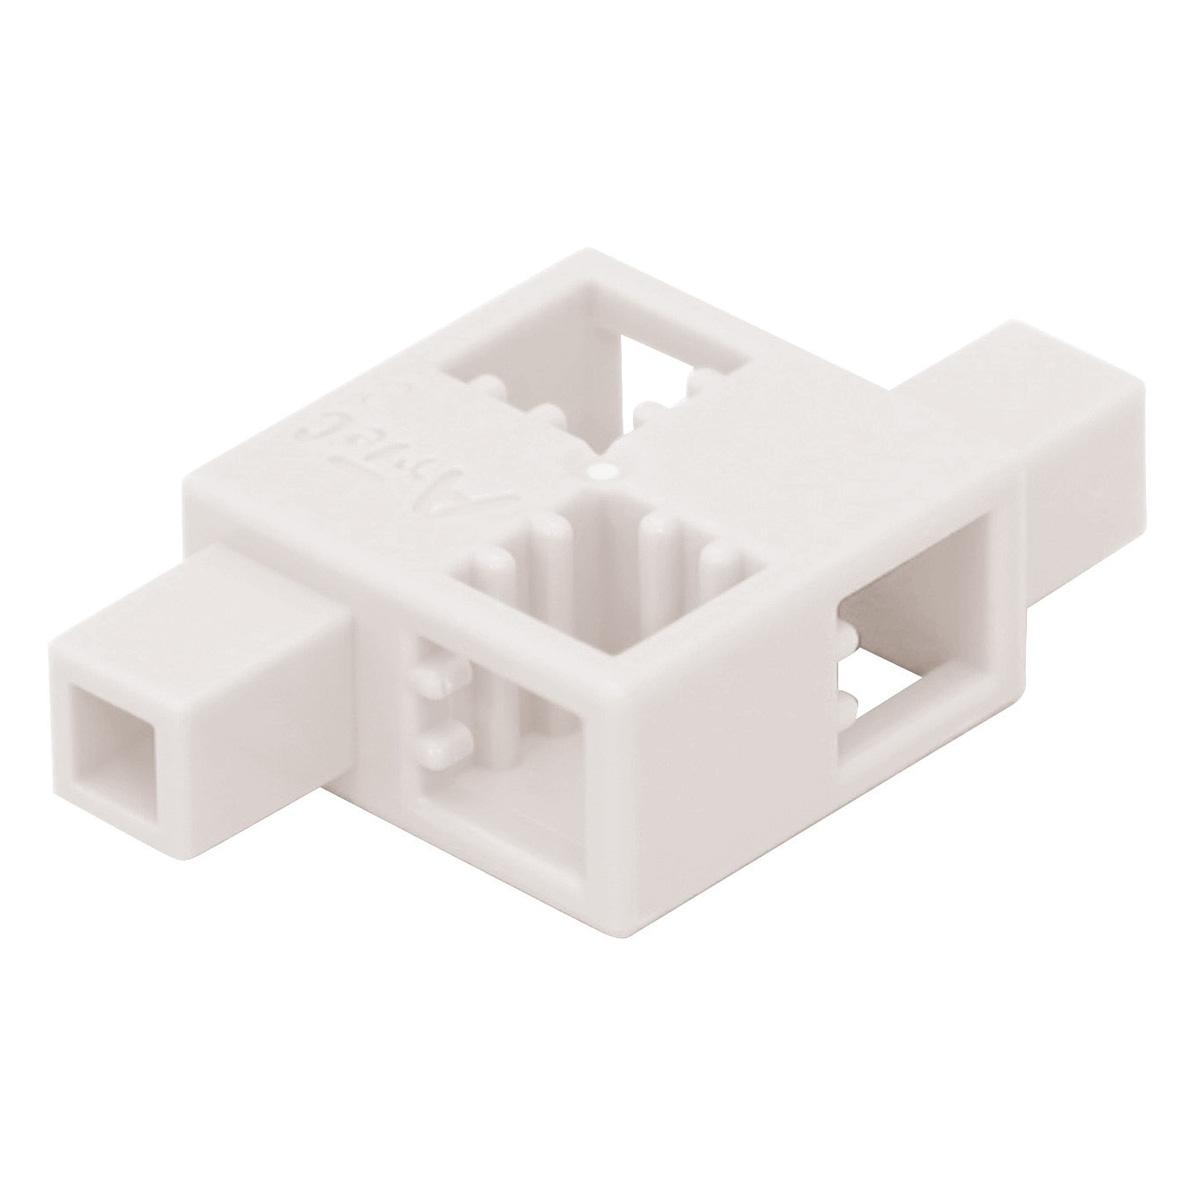 ブロック おもちゃ アーテックブロック ハーフD白単色8pcsセット 日本製 レゴ・レゴブロックのように遊べます